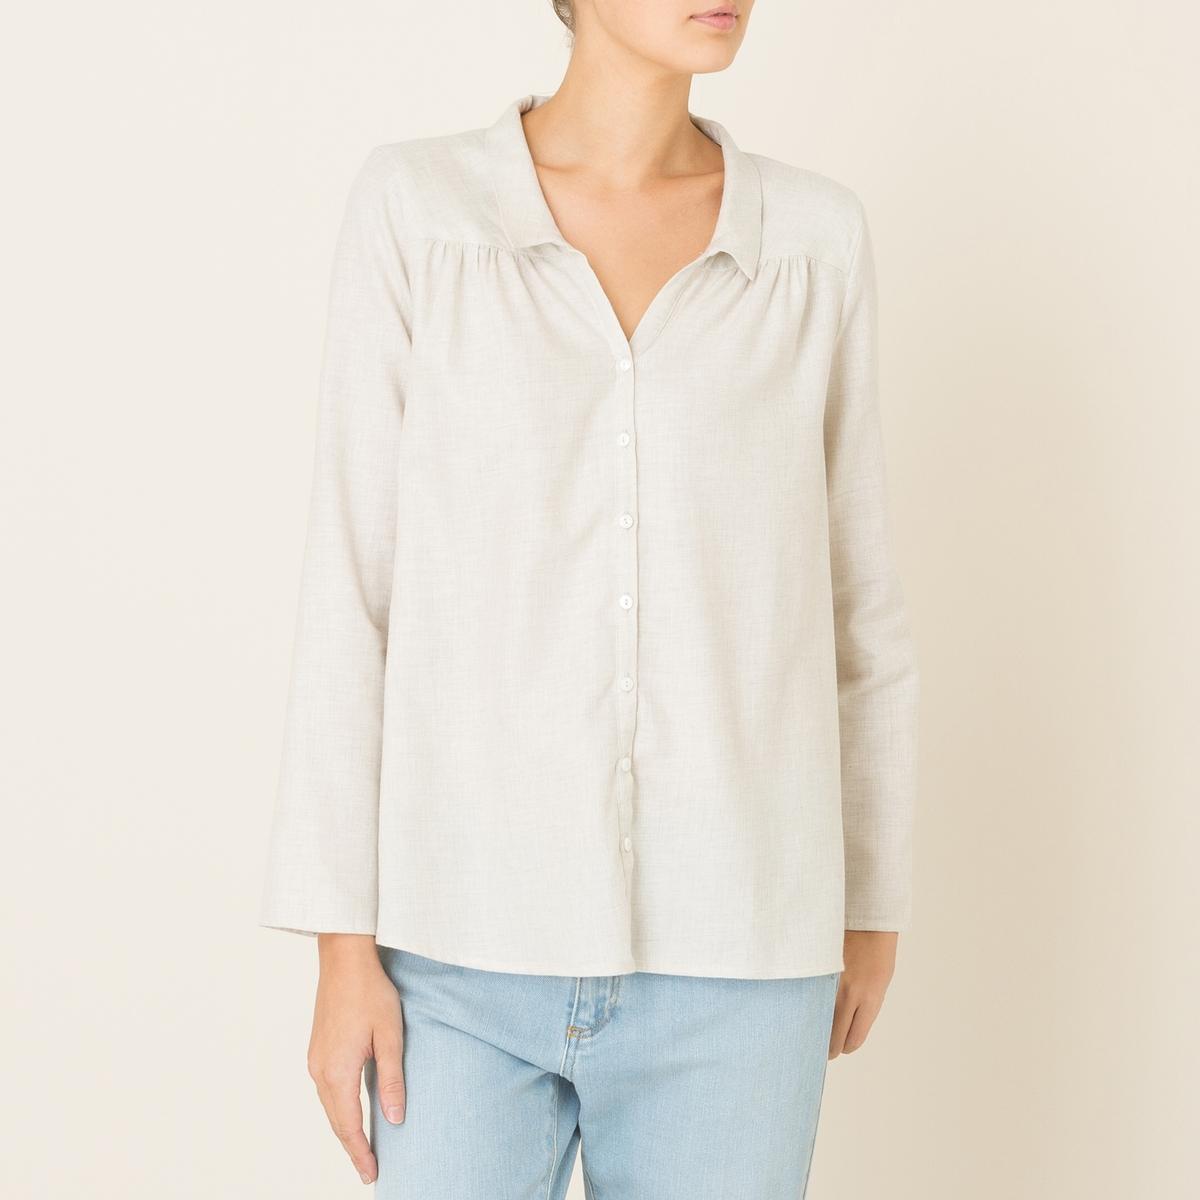 Рубашка VAMPРубашка HARRIS WILSON - модель VAMP . Рубашка свободного покроя. Маленький воротник со свободным вырезом . Отрезные детали и встречные складки спереди и сзади . Застежка на пуговицы спереди. Слегка закругленный низ. Состав &amp; Детали Материал : 100% хлопокМарка : HARRIS WILSON<br><br>Цвет: экрю<br>Размер: M